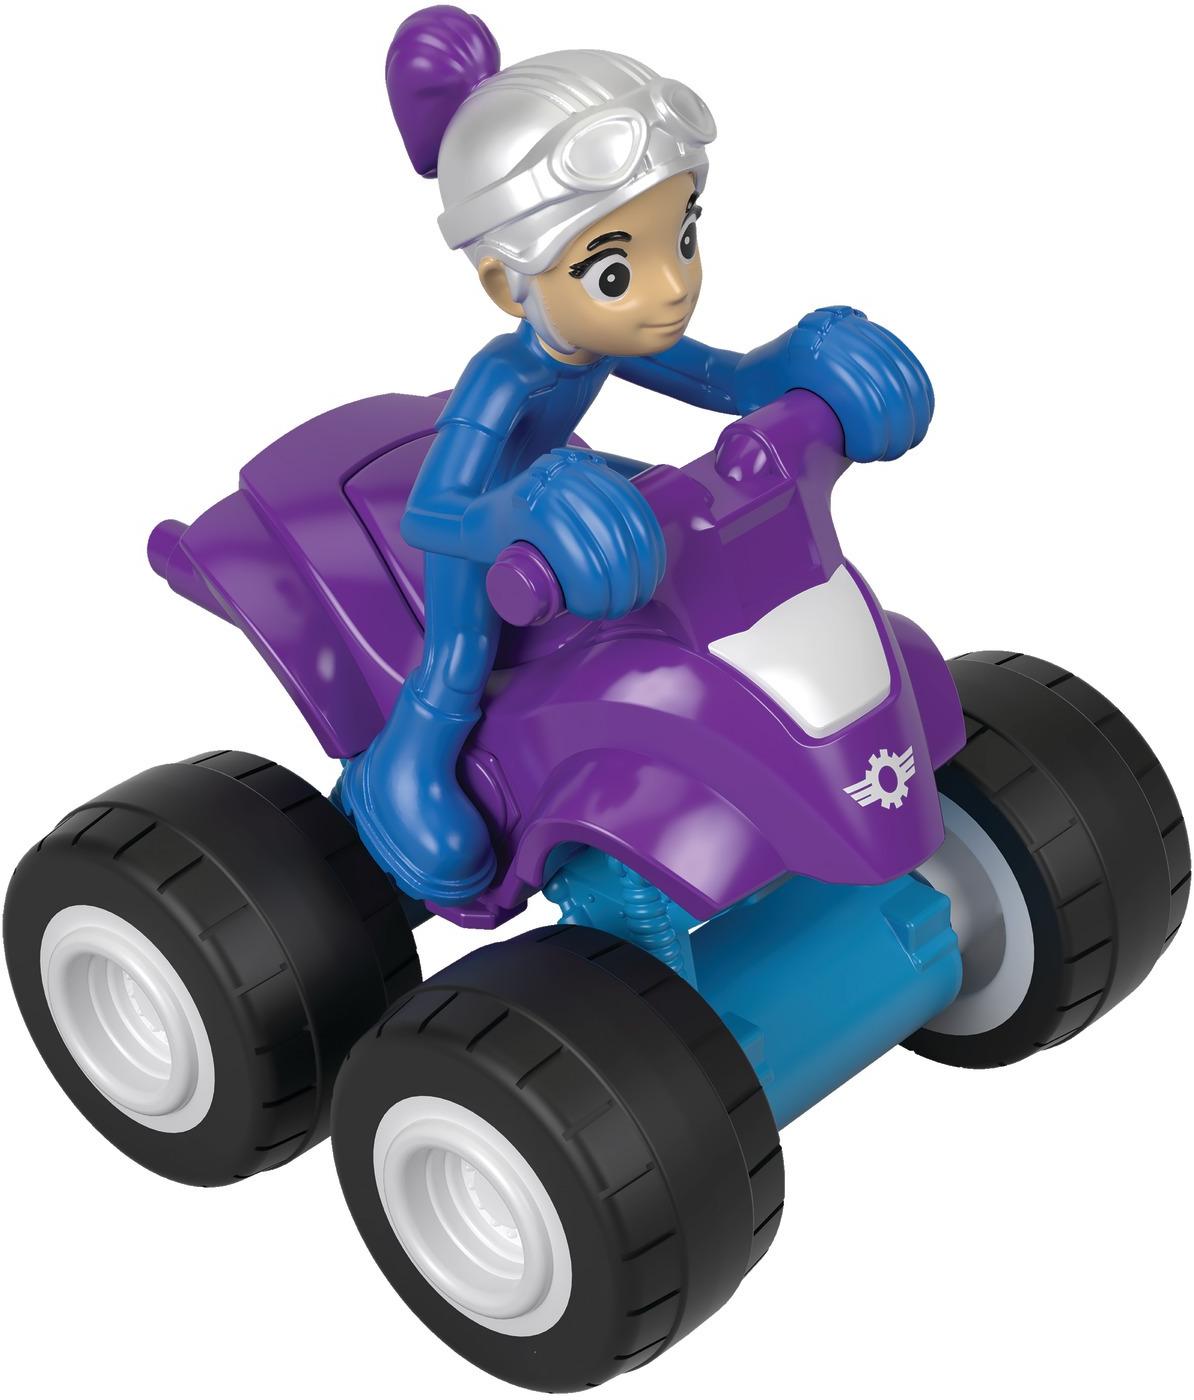 Машинка Blaze Вспыш. Маленькая машинка, DYN46_FHV31, фиолетовый, синий blaze машинка огурчик dtk29